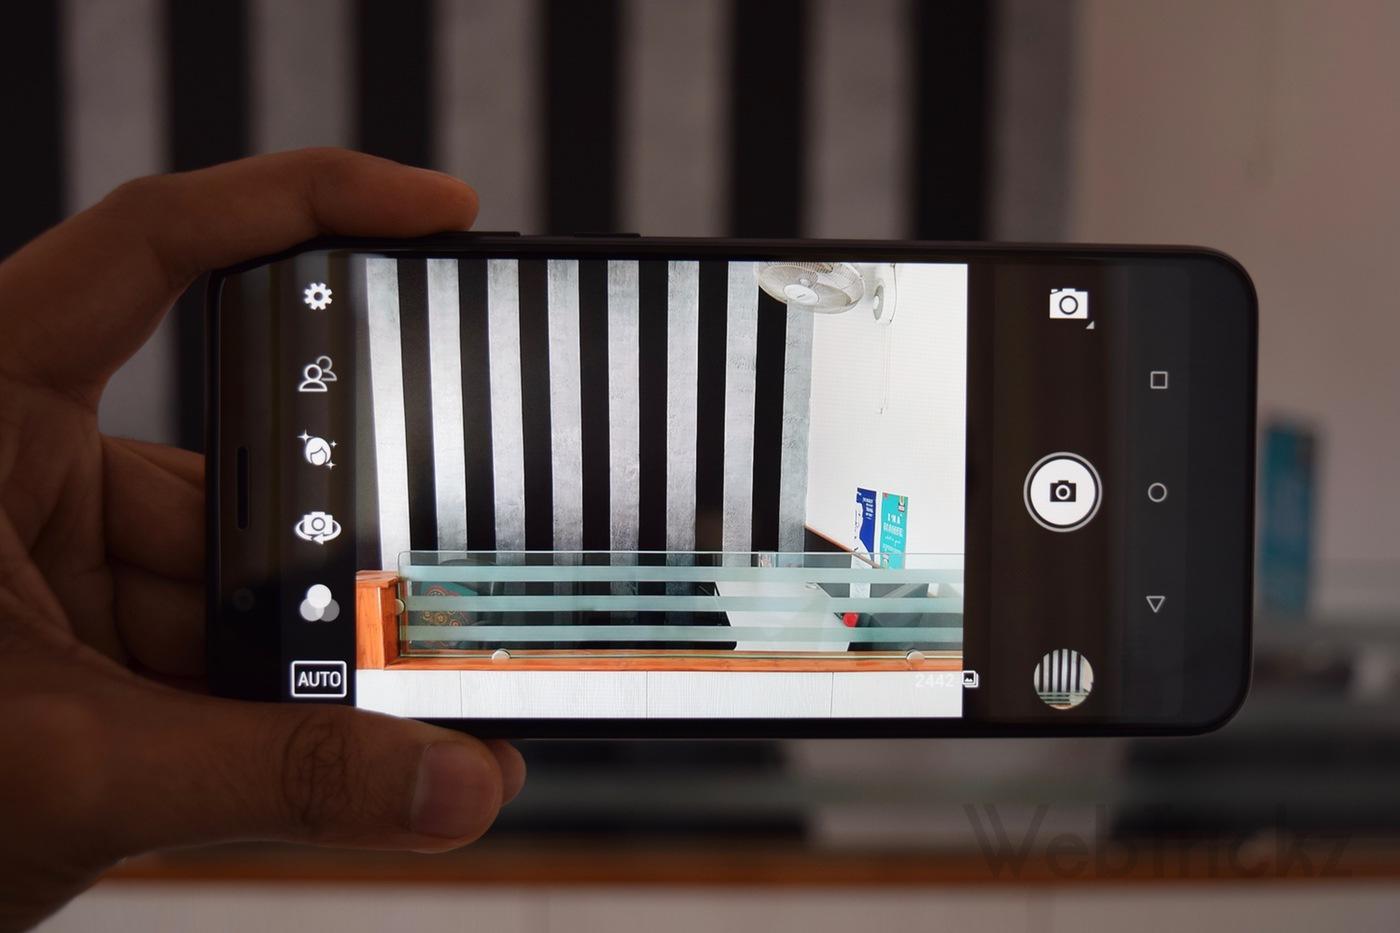 Asus Zenfone Max Pro camera app UI